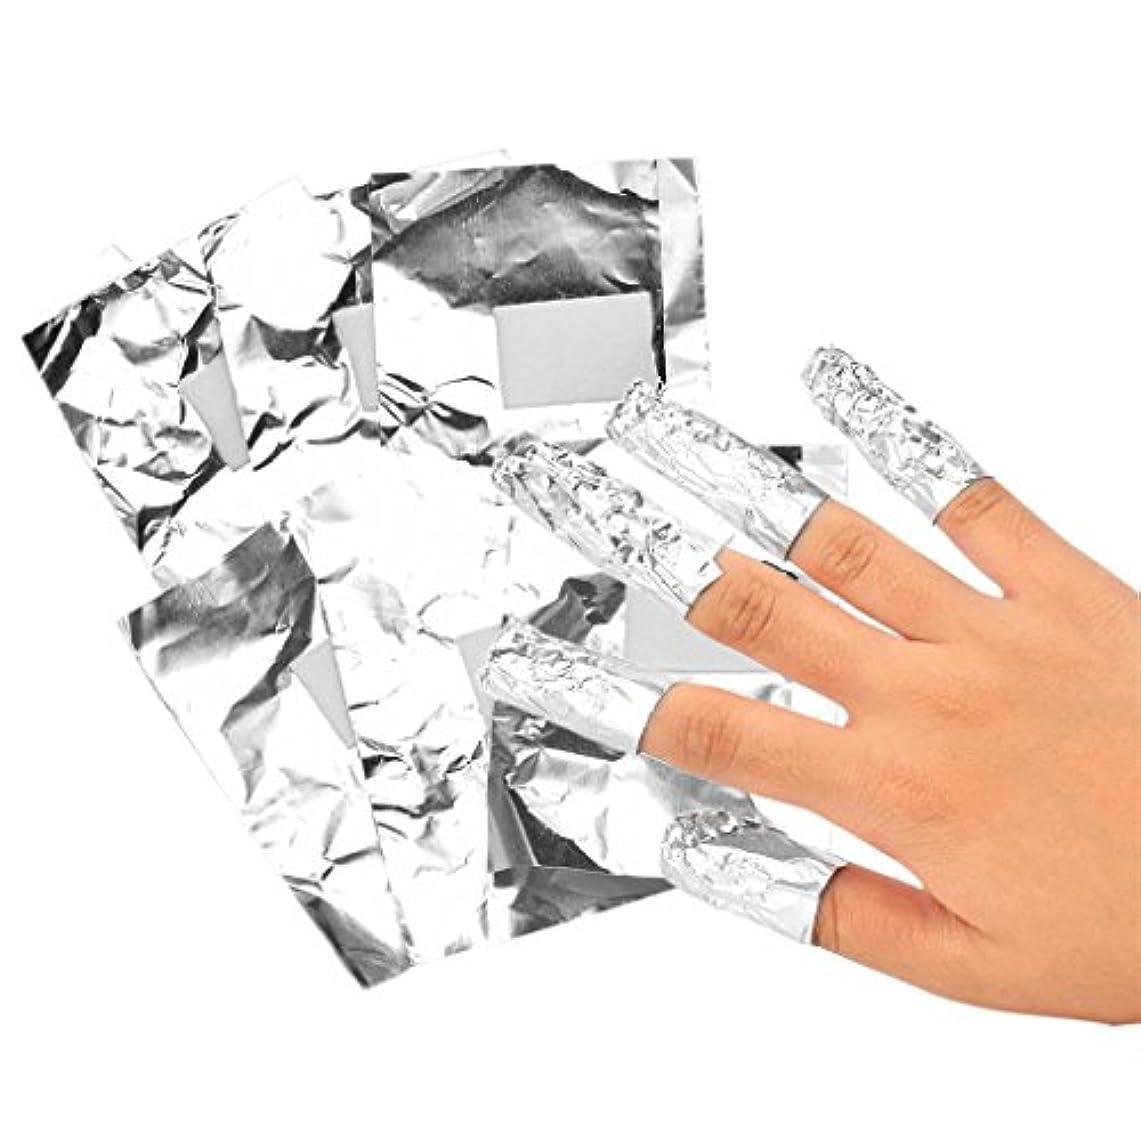 乳白幾分パネルDYNWAVE ネイルフォイル アルミ箔 ネイルアートリムーバー除去 キューティクルプッシャー マニキュア用品100本